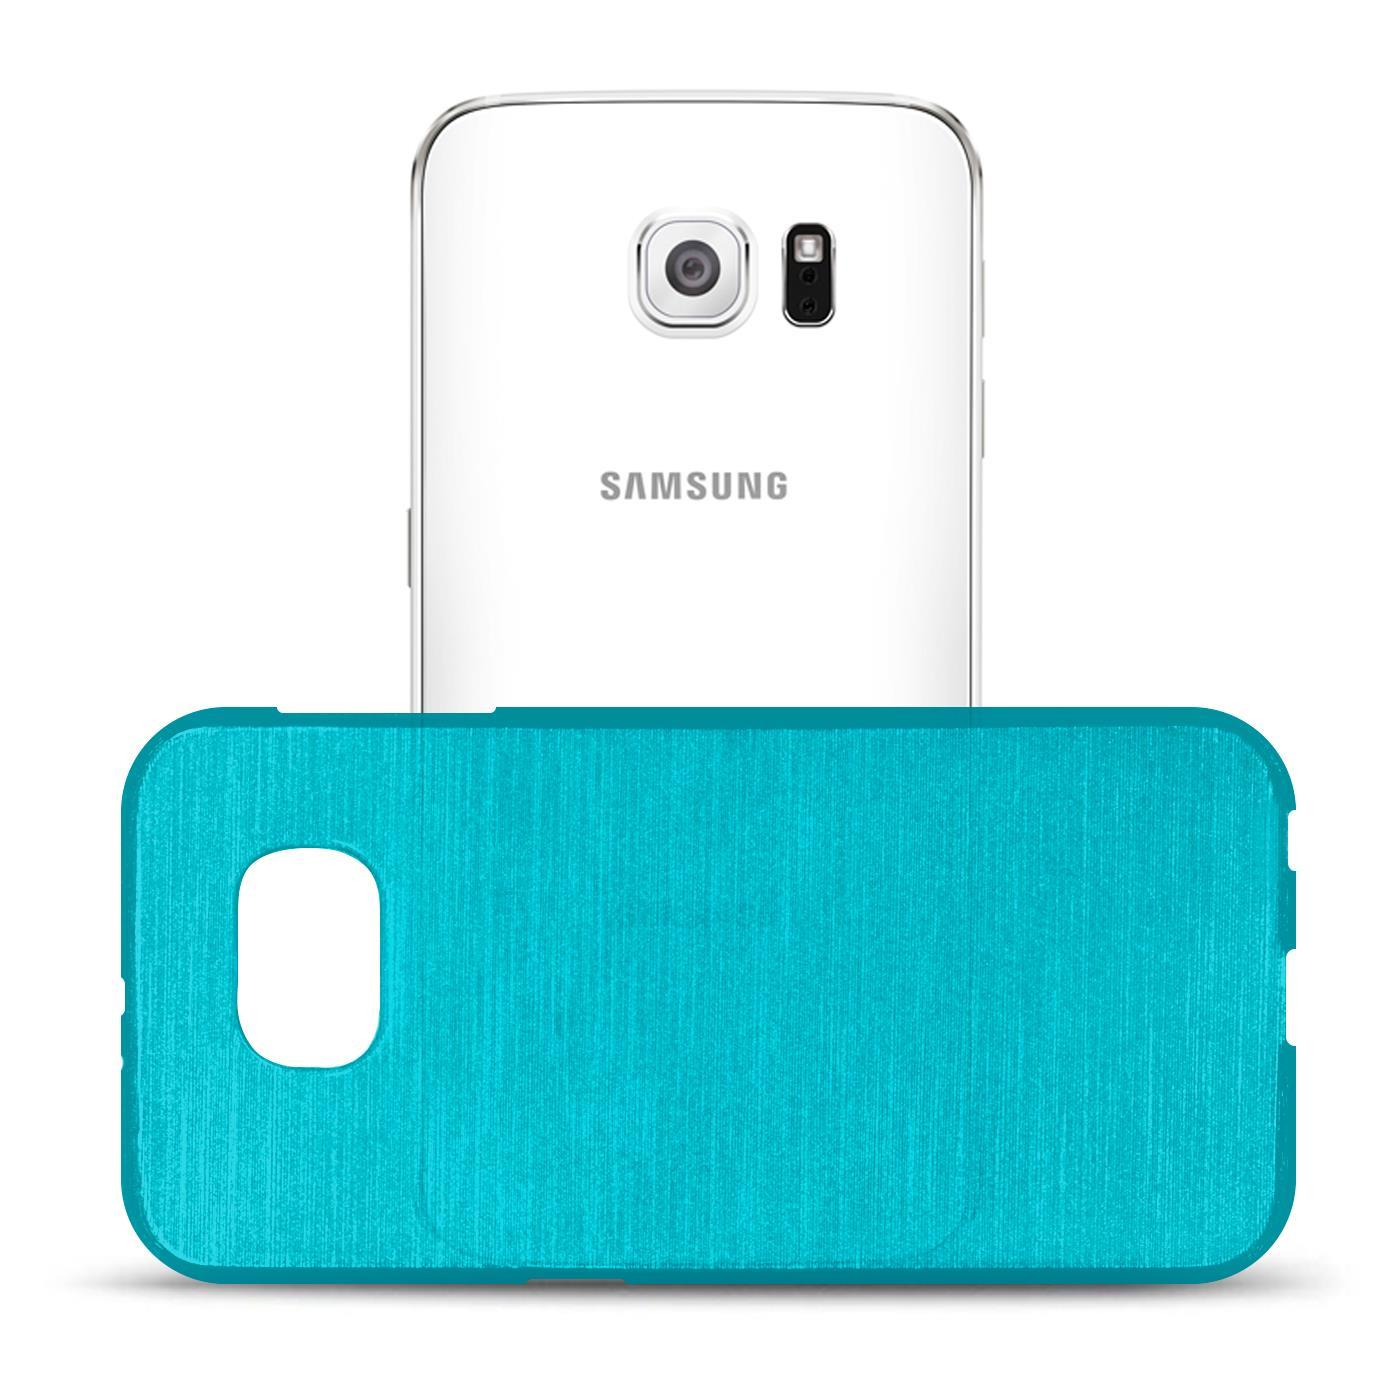 Silikon-Bumper-Case-fuer-Samsung-Galaxy-s6-duenne-ultra-slim-Stossfeste-Rueckschale Indexbild 12